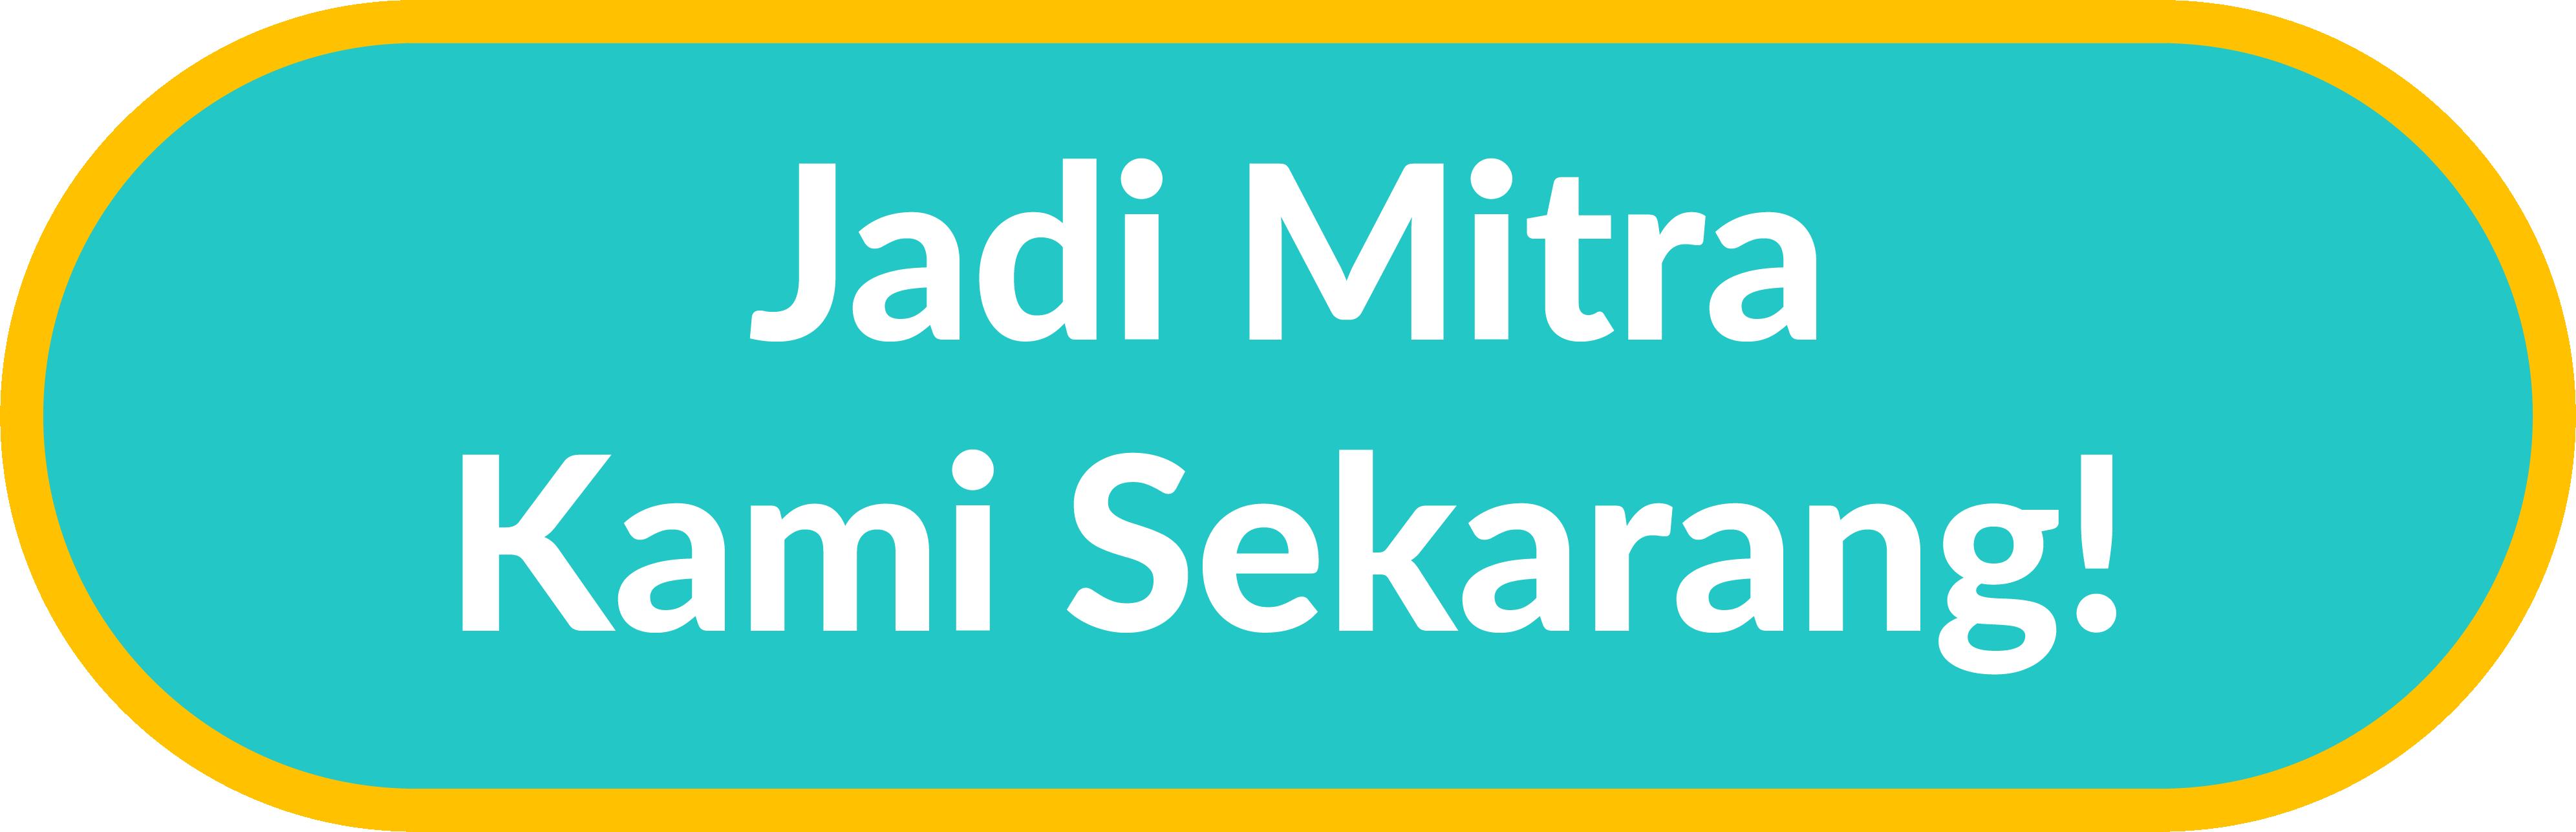 Mitra Gadjian Hadirr